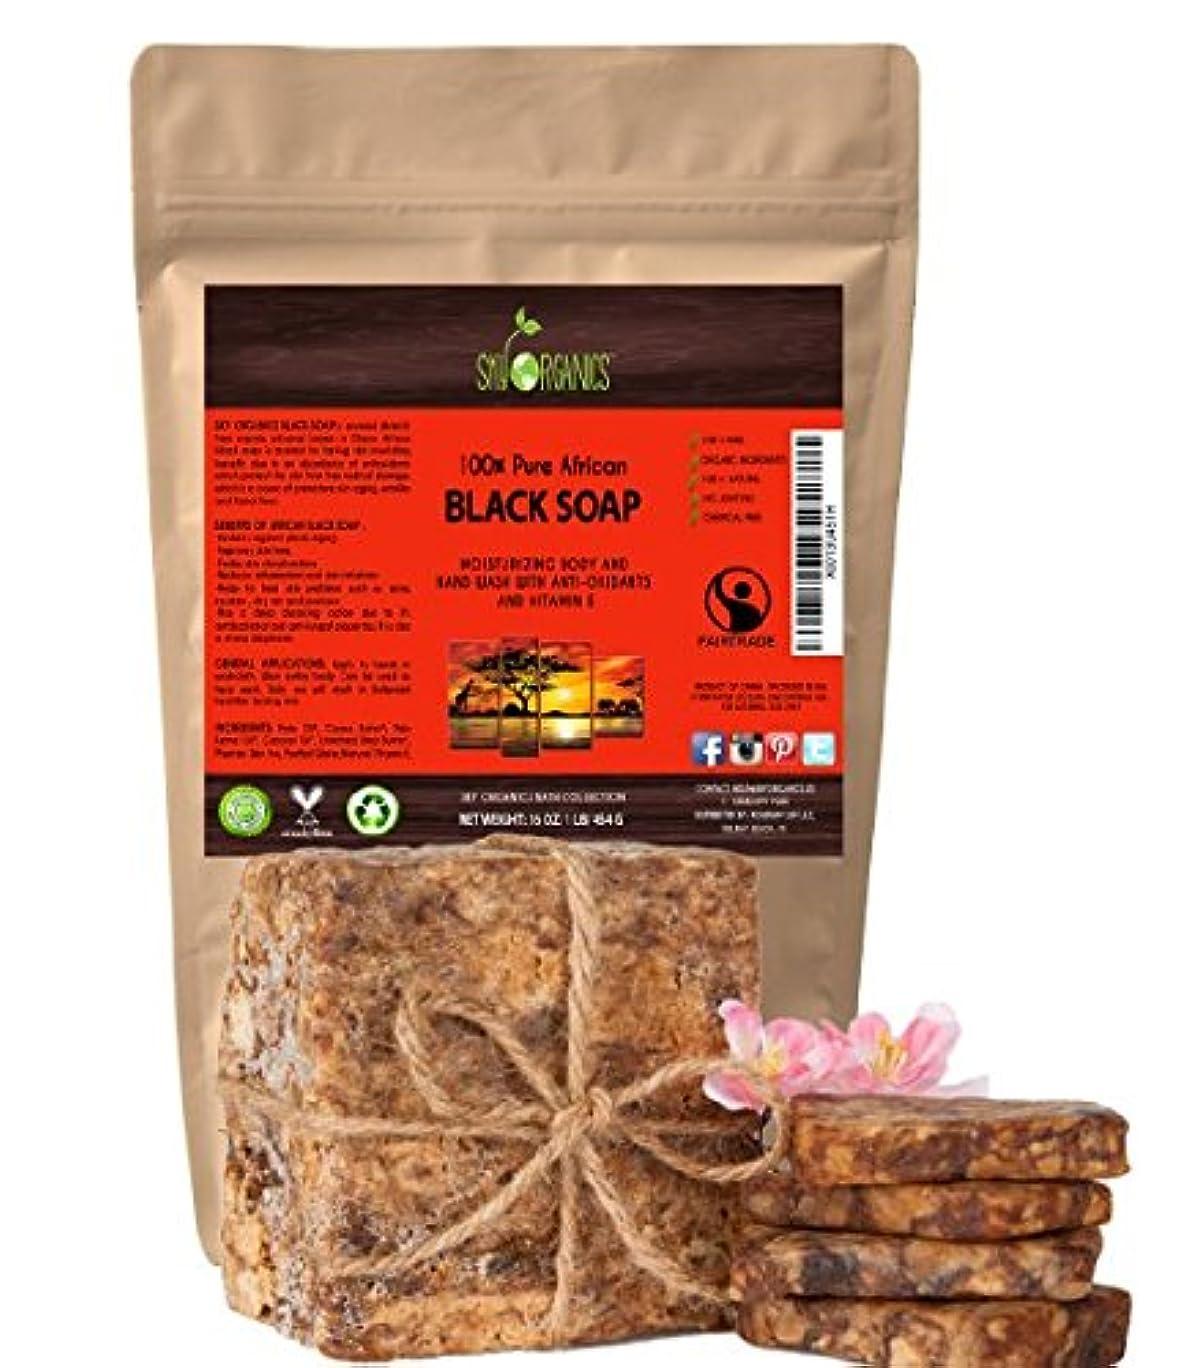 石炭旅客ハック切って使う オーガニック アフリカン ブラックソープ (約4563gブロック)Organic African Black Soap (16oz block) - Raw Organic Soap Ideal for Acne...